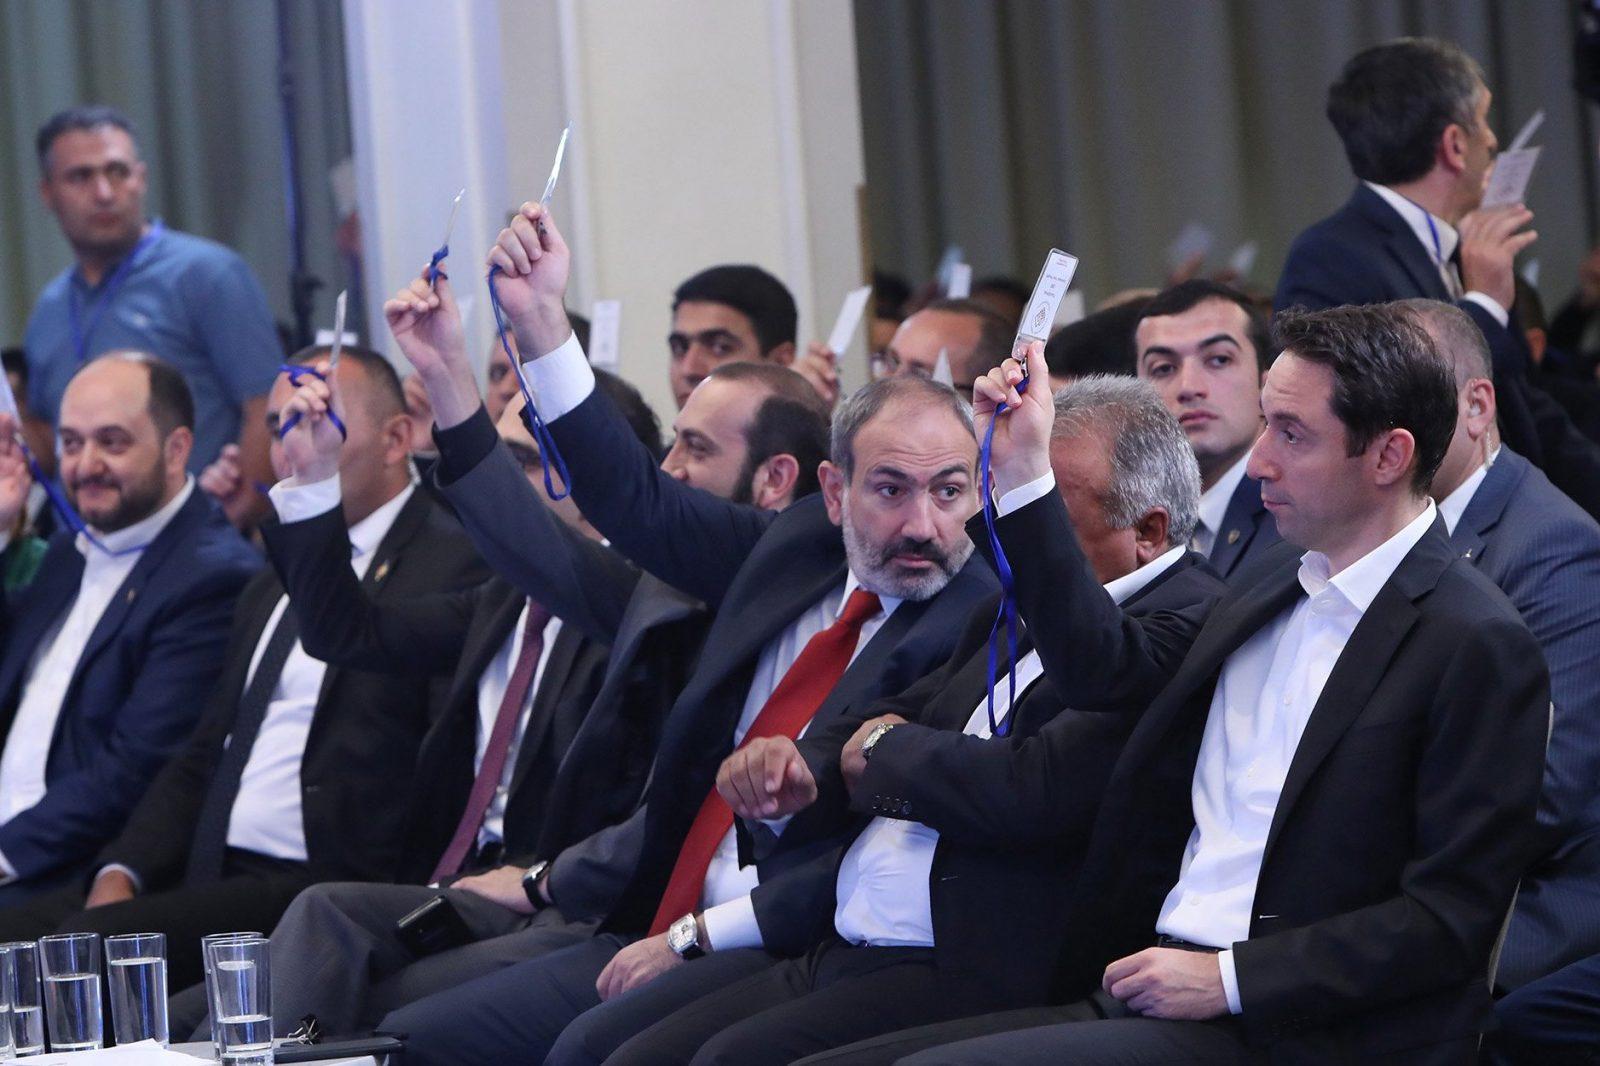 «Ժողովուրդ». ՔՊ համաժողովի ինտրիգներն ու անակնկալները. մանրամասներ